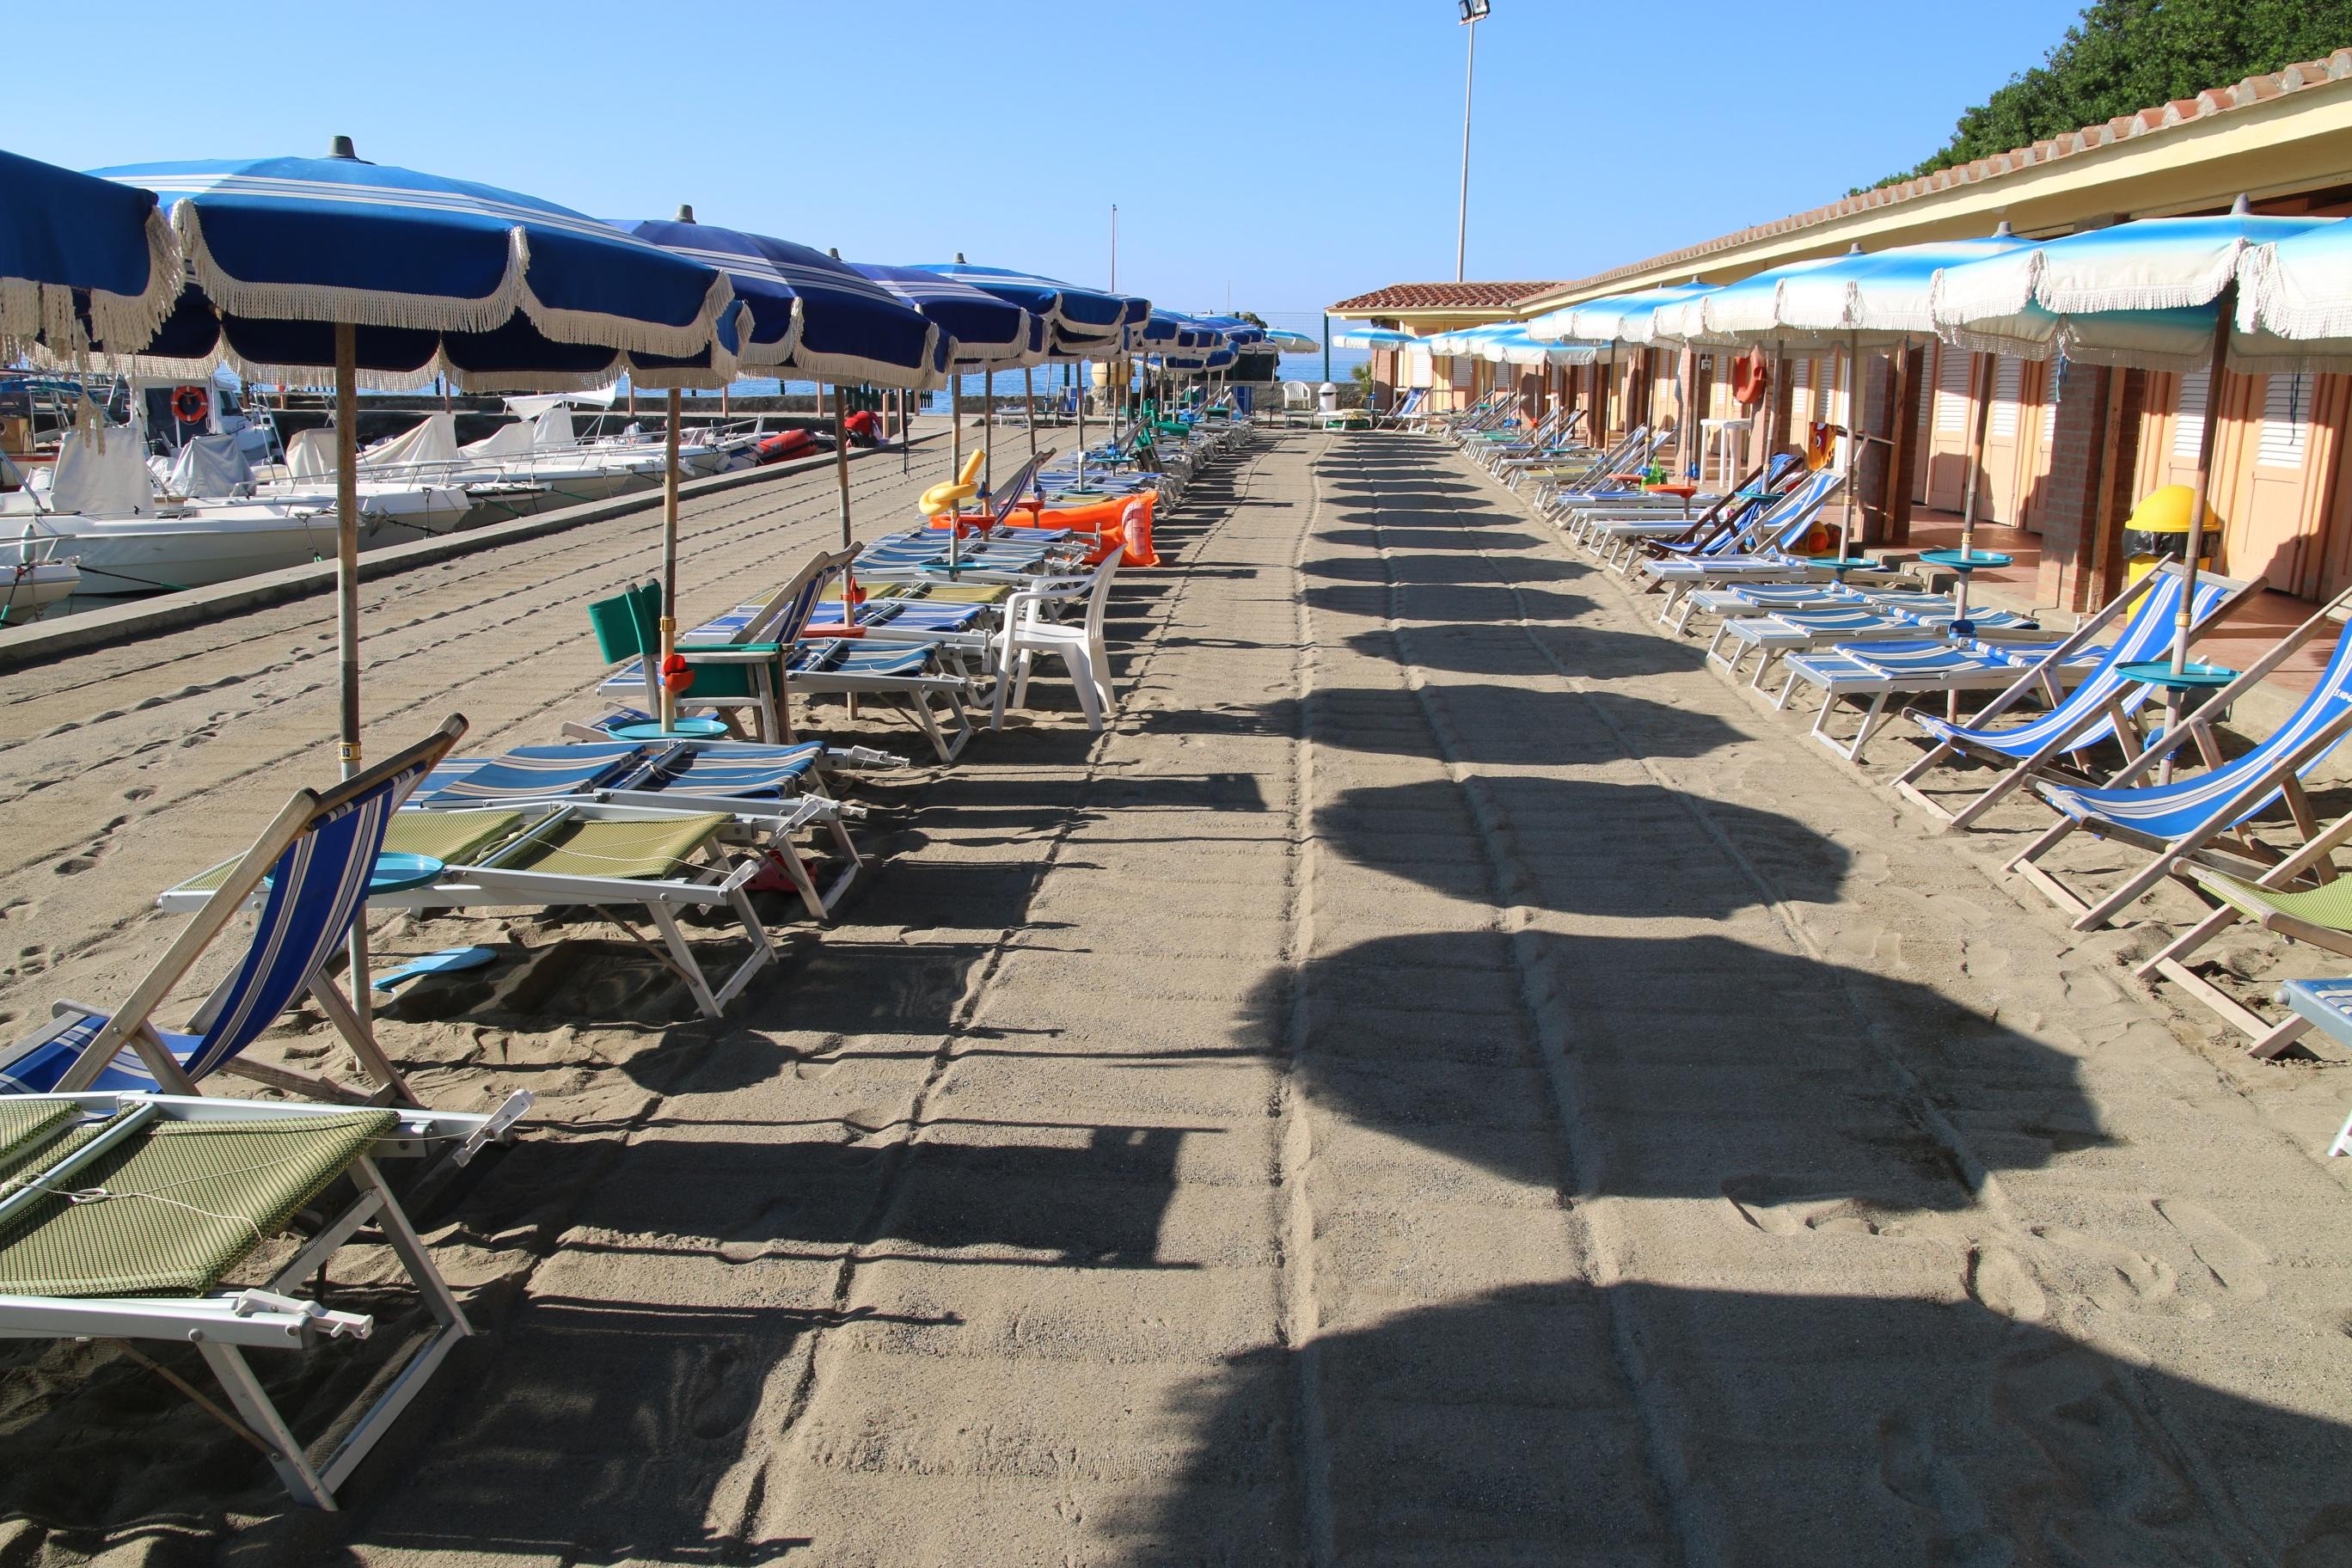 Bagno Conchiglia Castiglioncello : Italiano dove siamo hotel la marinella castiglioncello toscana